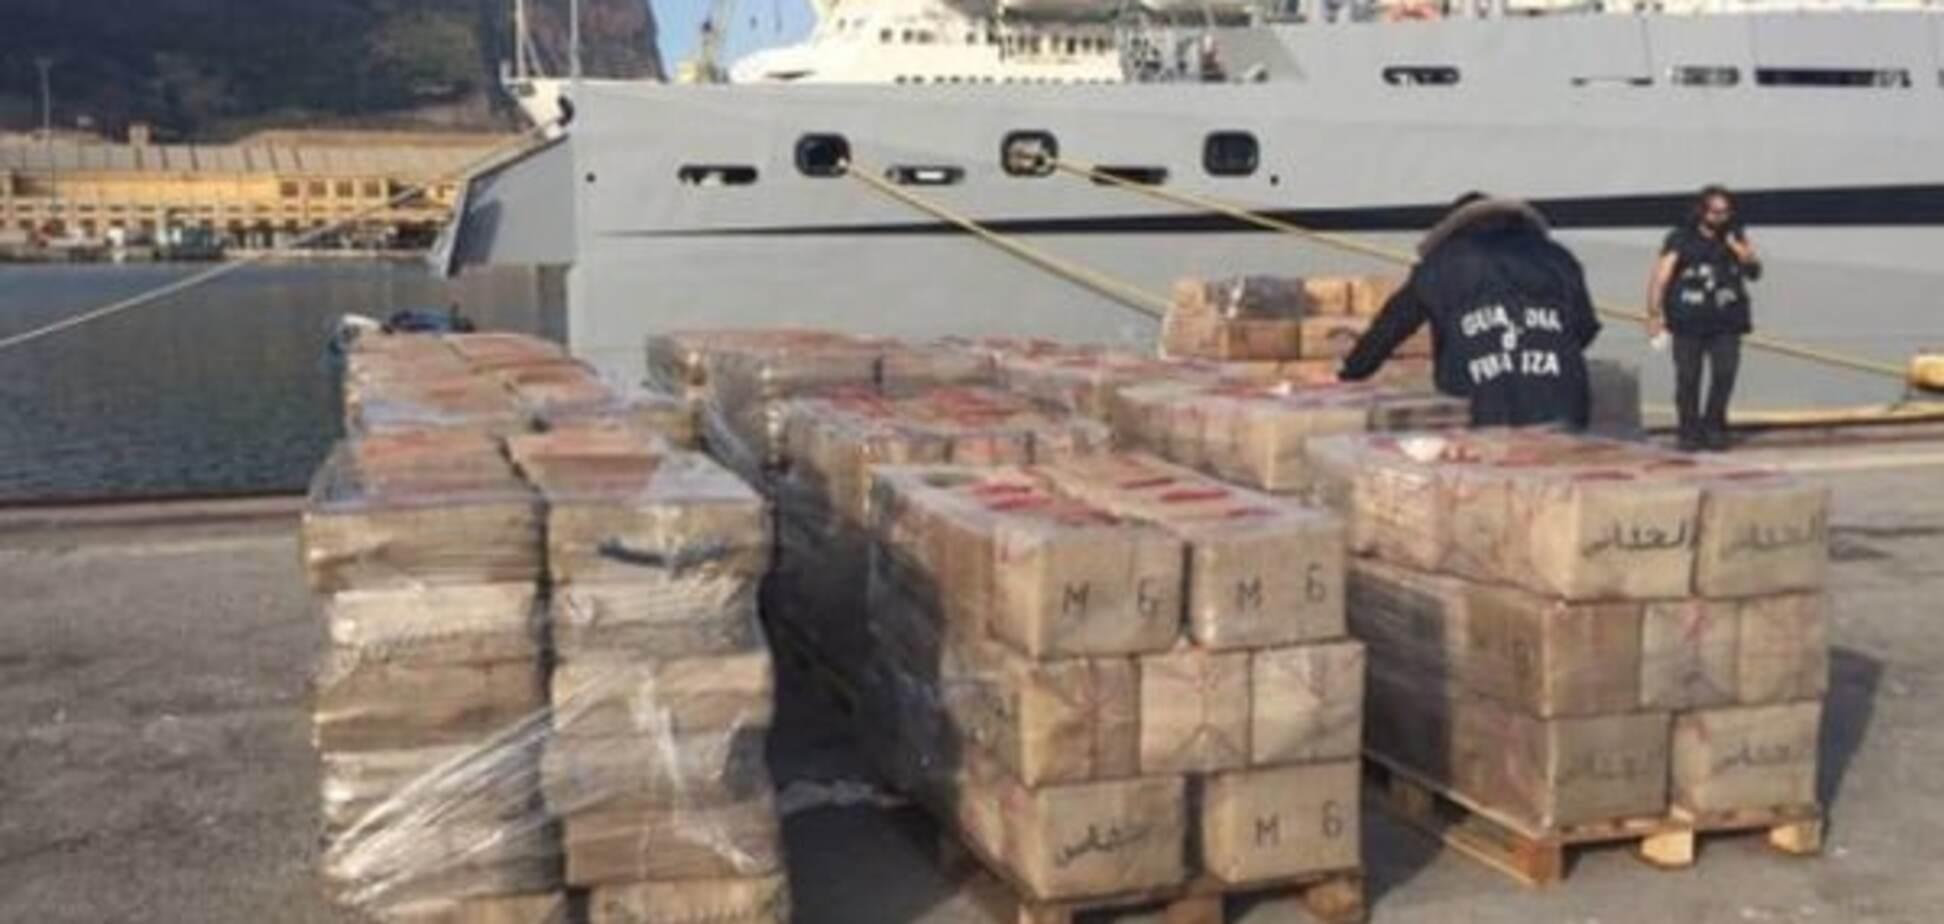 У берегов Италии задержали украинцев за контрабанду 13 тонн гашиша